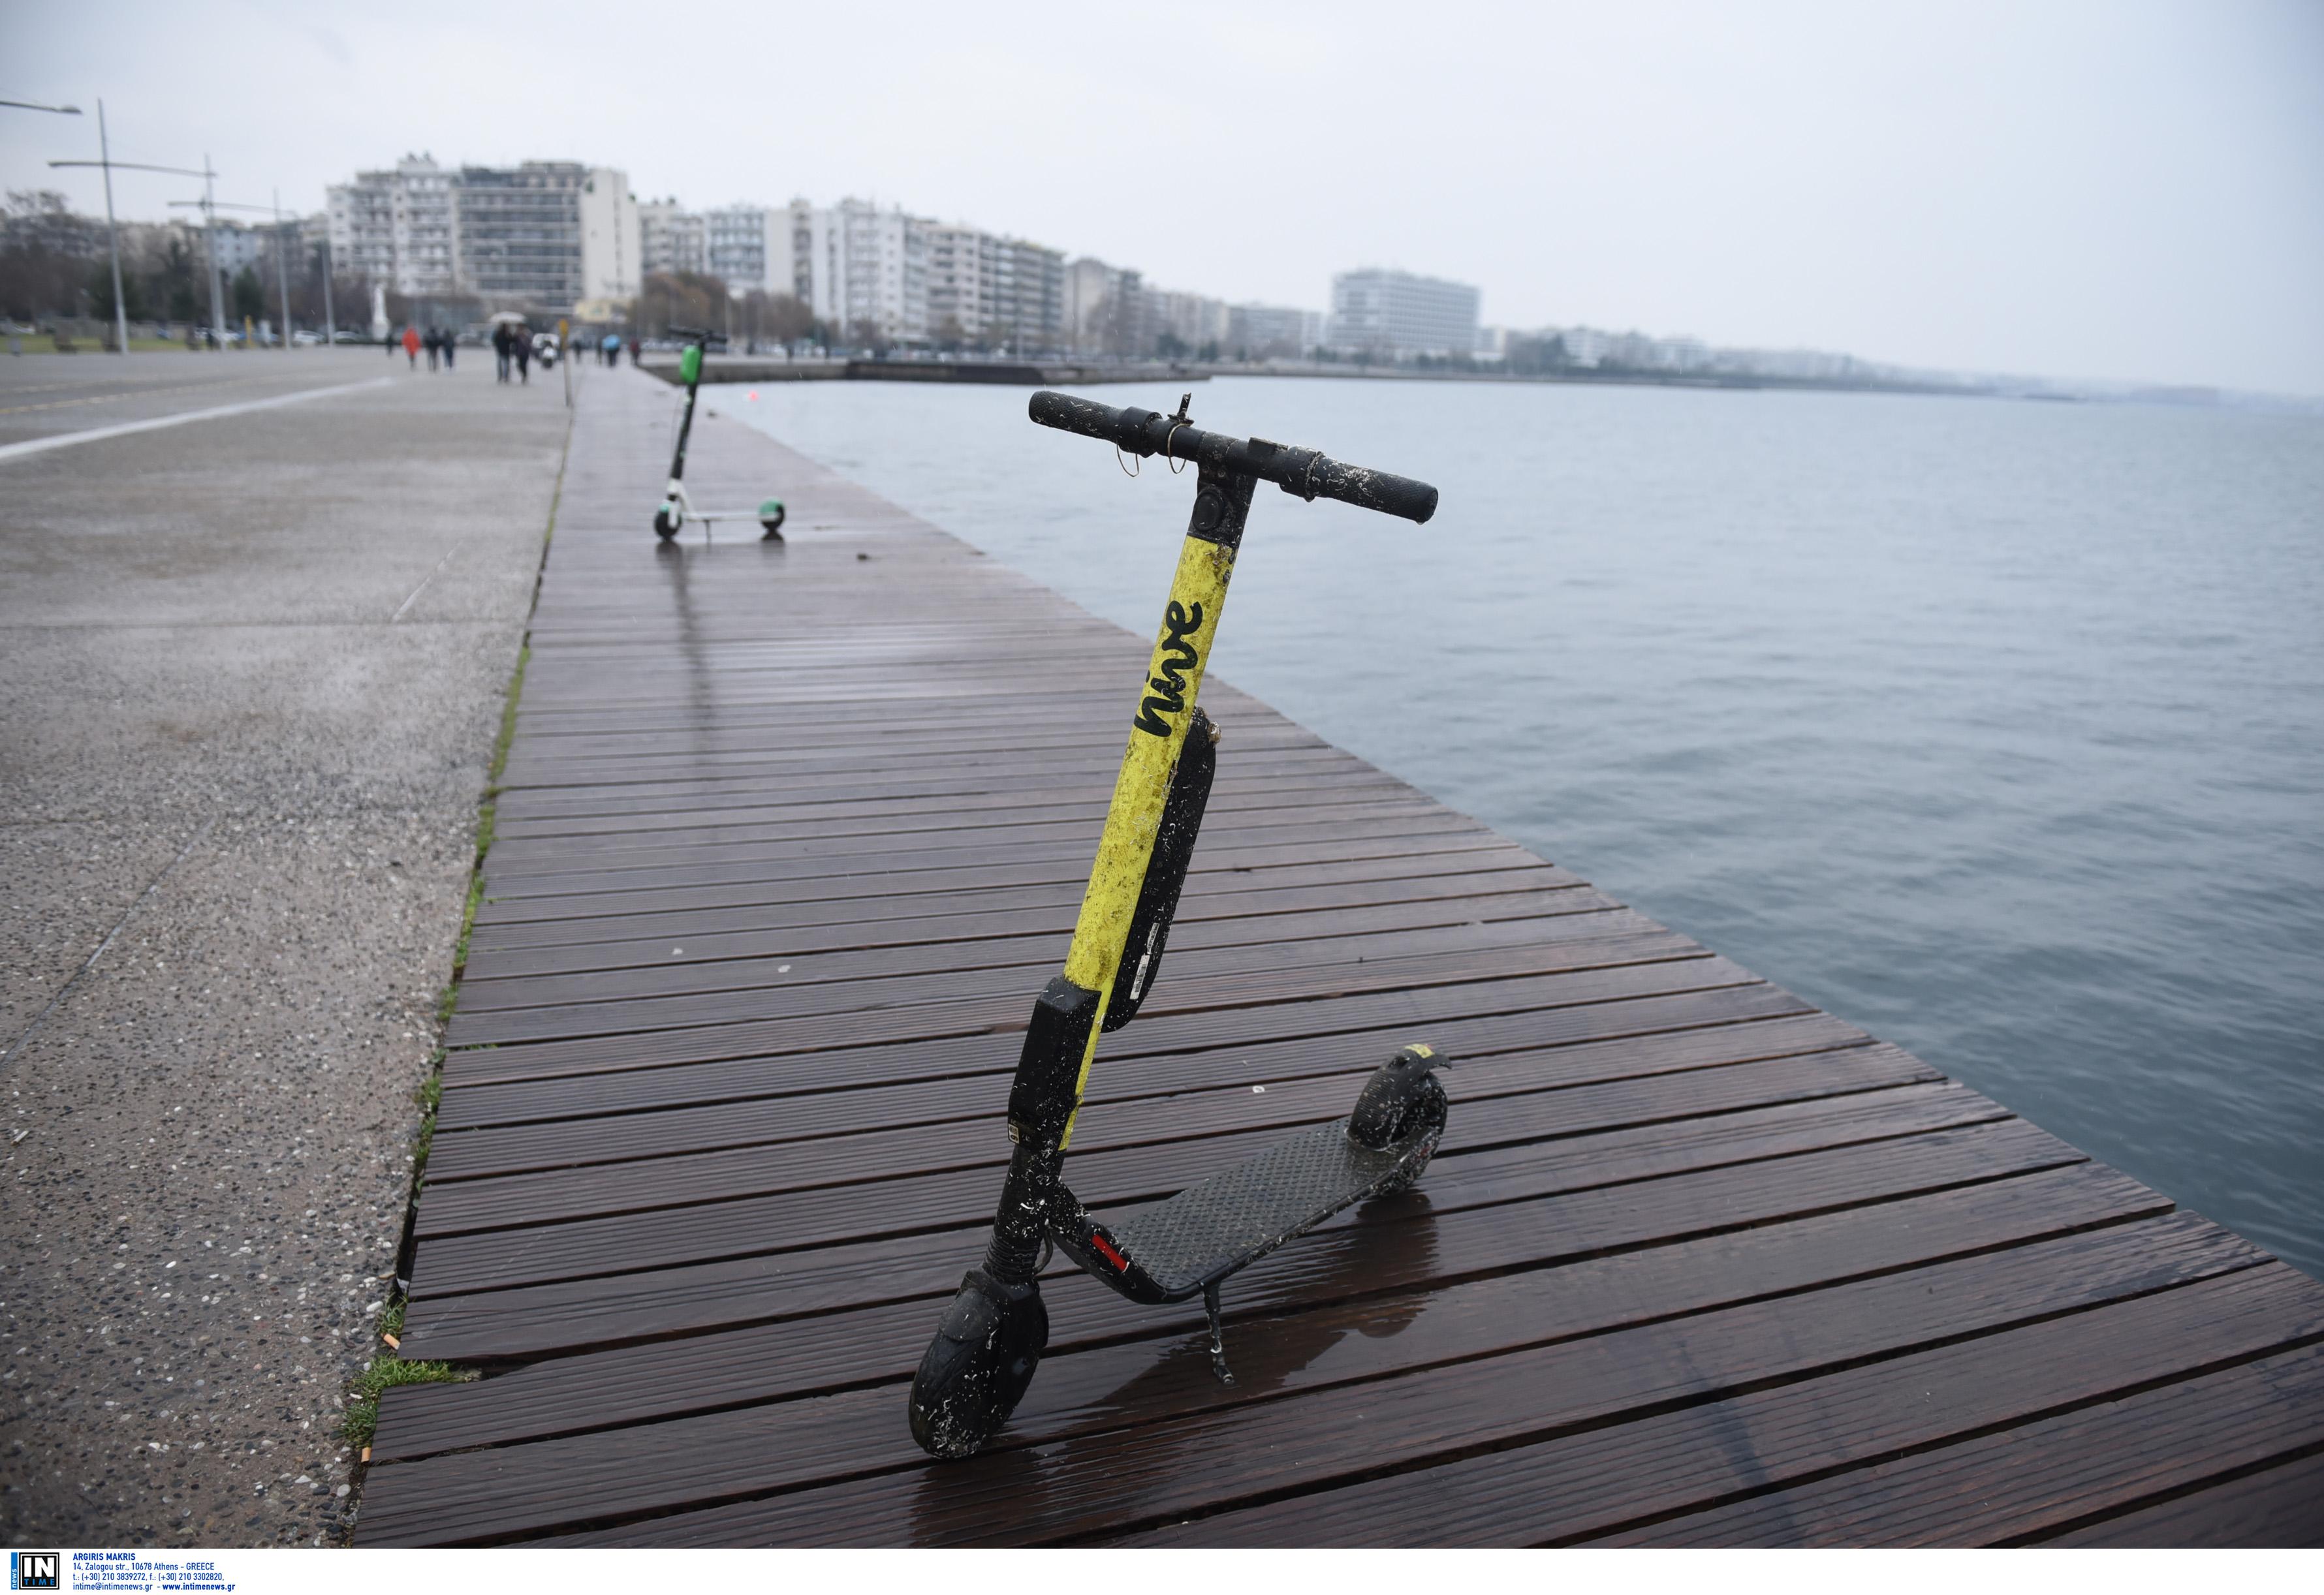 Θεσσαλονίκη: Τον κυνηγούσε η αστυνομία και προσπάθησε να ξεφύγει με… ηλεκτρικό πατίνι